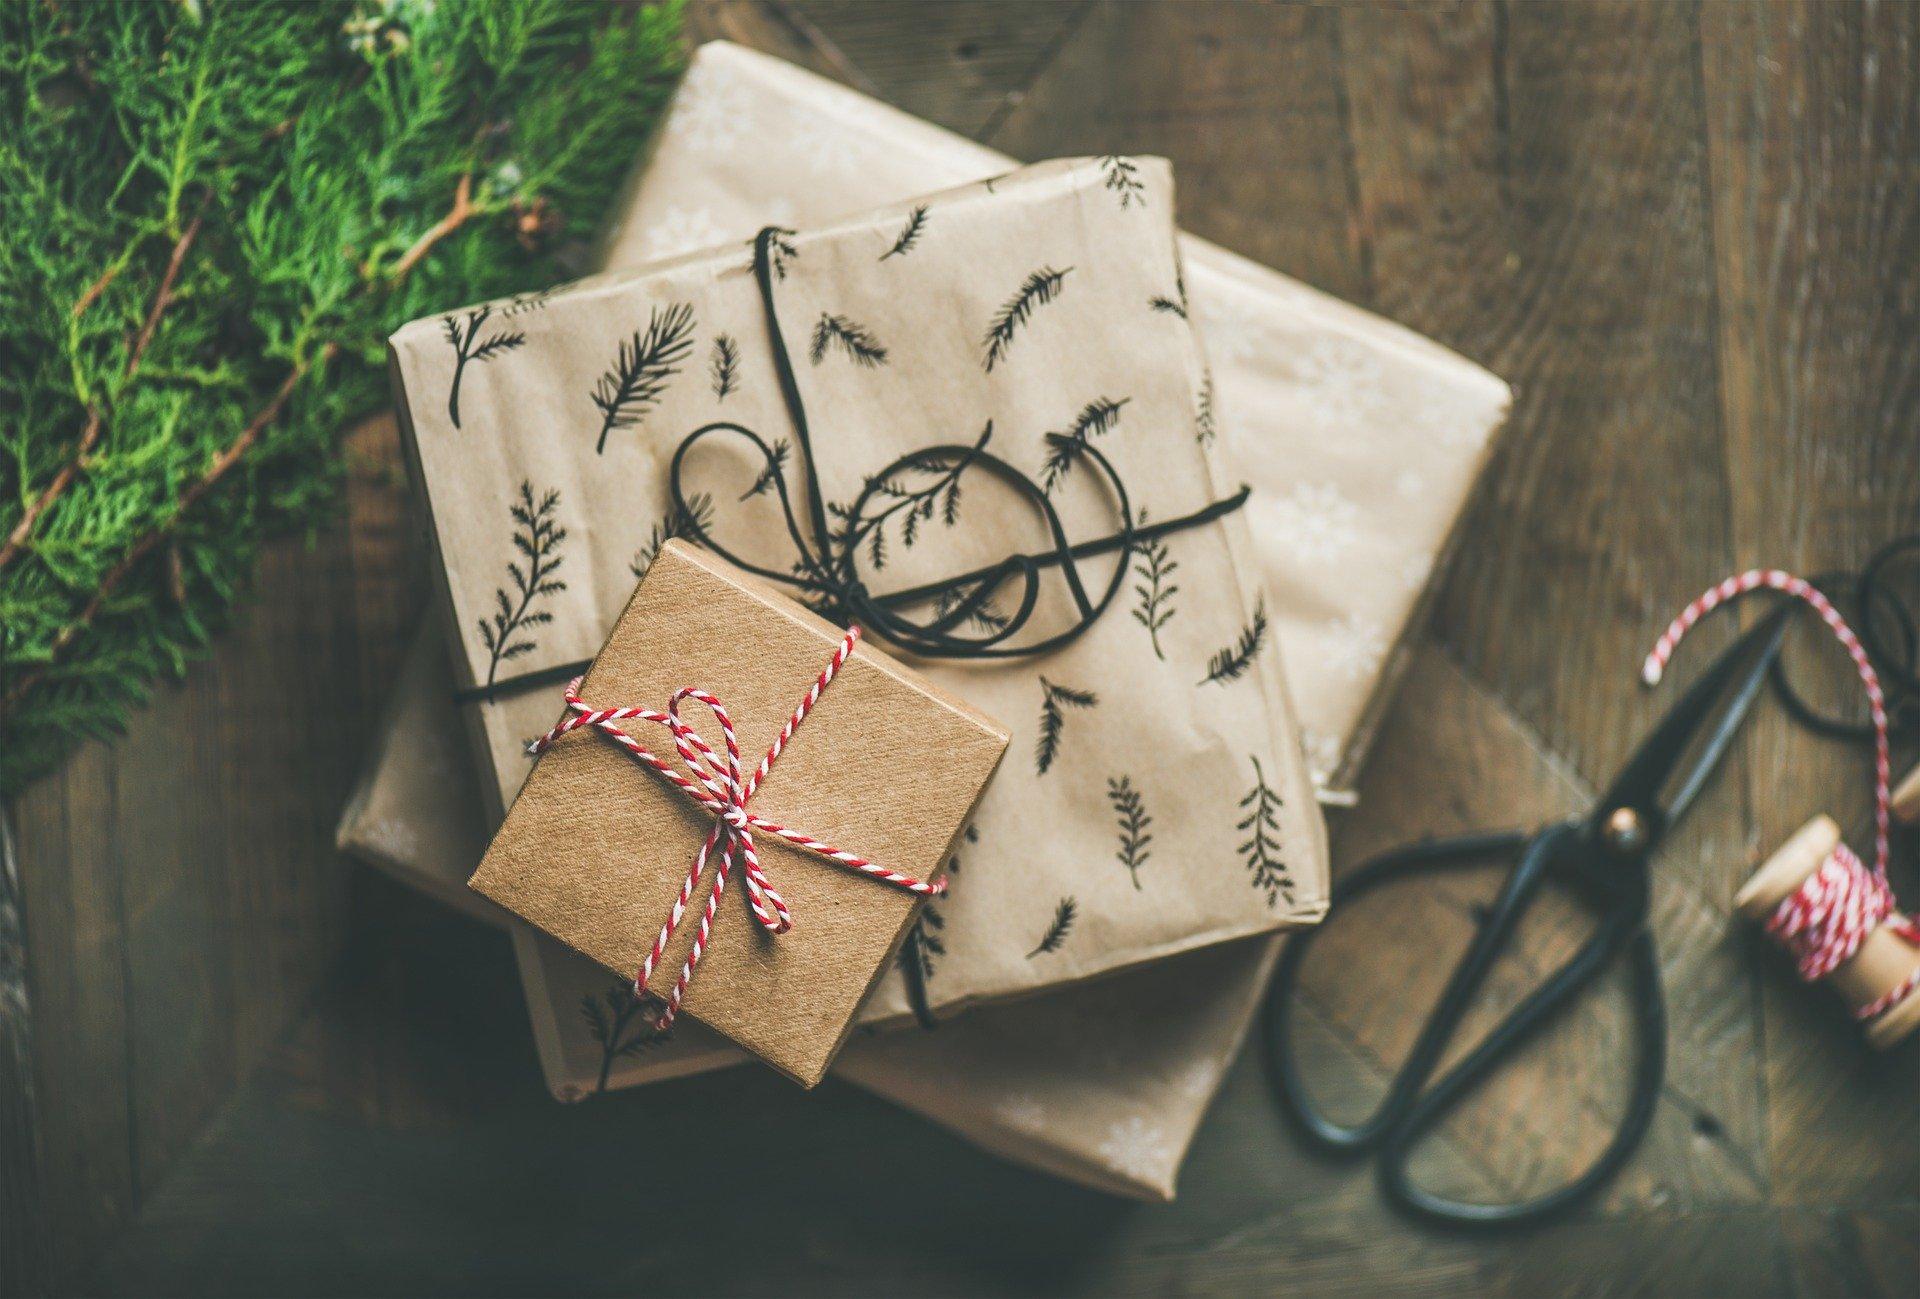 איך לרכוש מתנות לחג באופן מושכל וחסכוני?